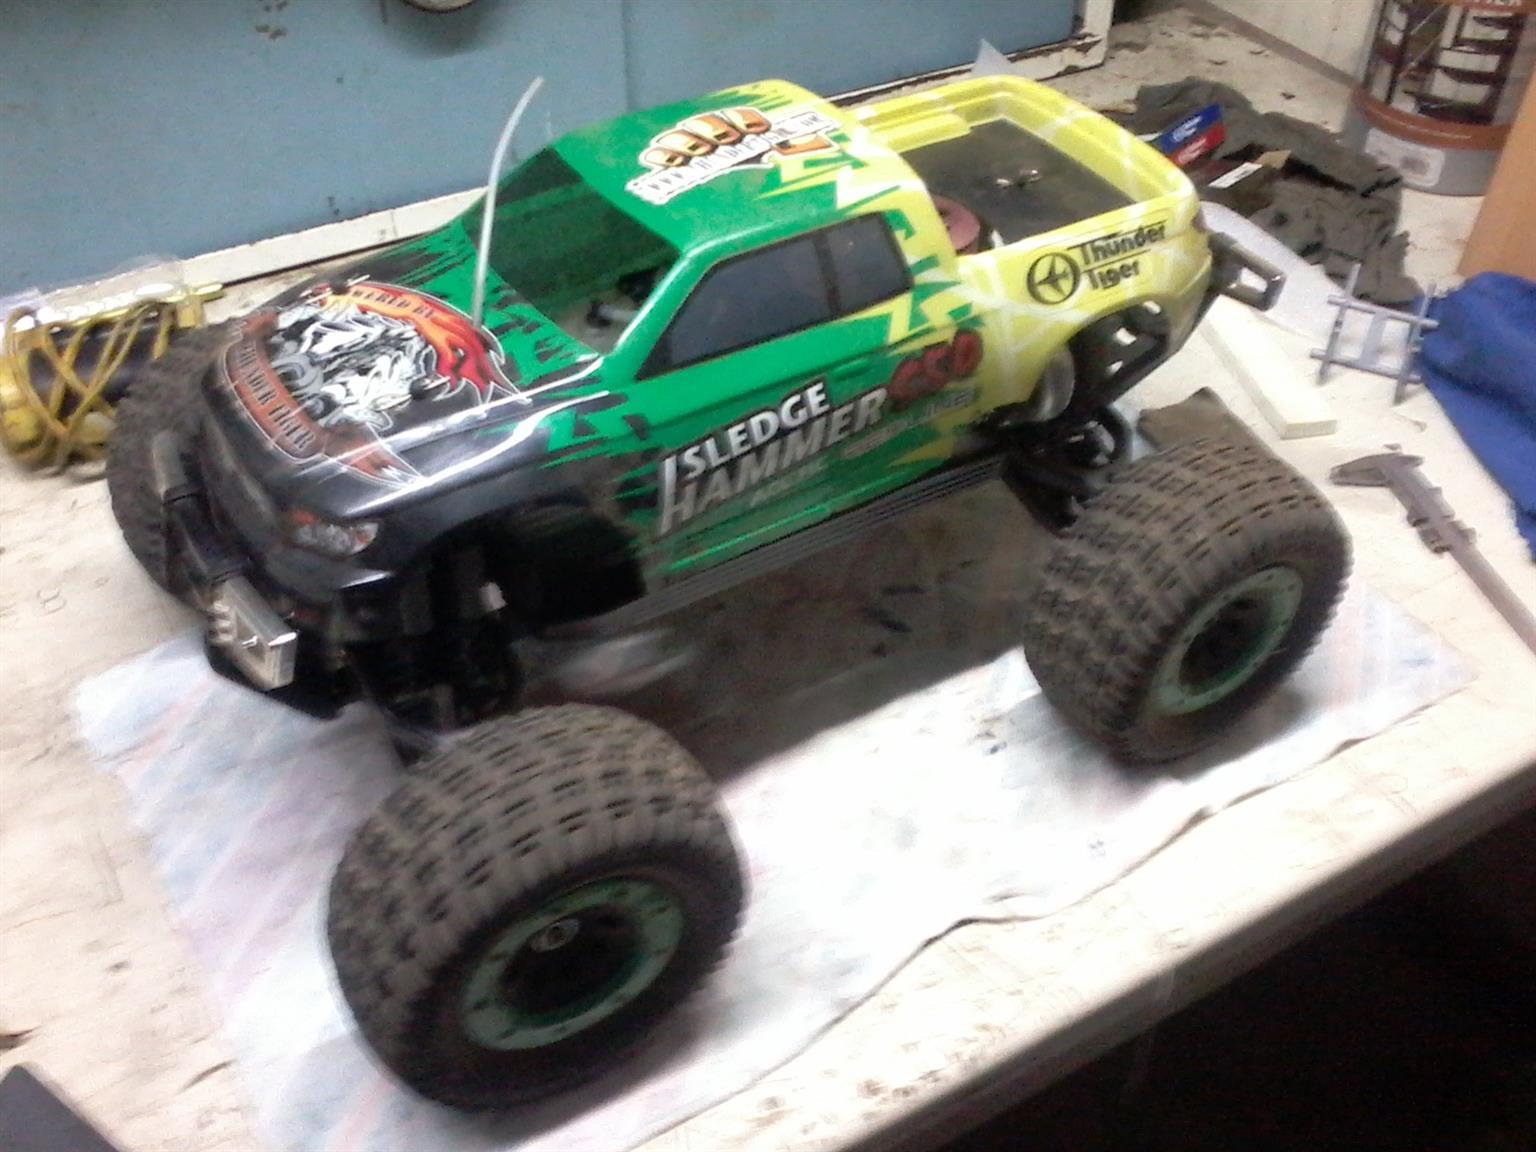 Thundertiger Sledgehammer 1/8 nitro monster truck